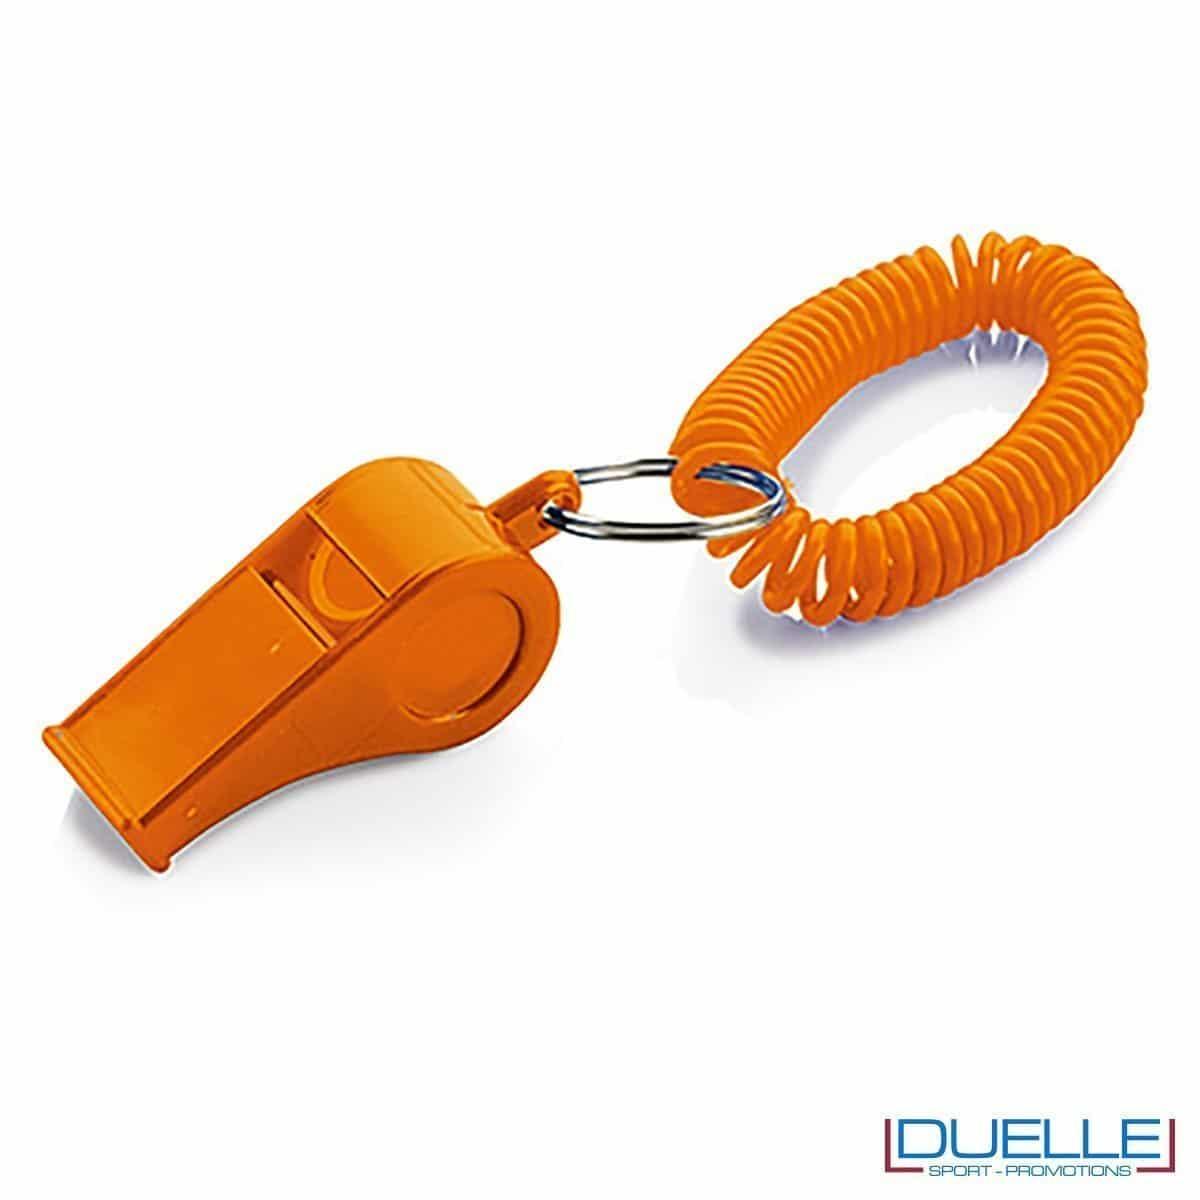 fischietto personalizzato arancione con bracciale a molla - gadget per feste e tifo